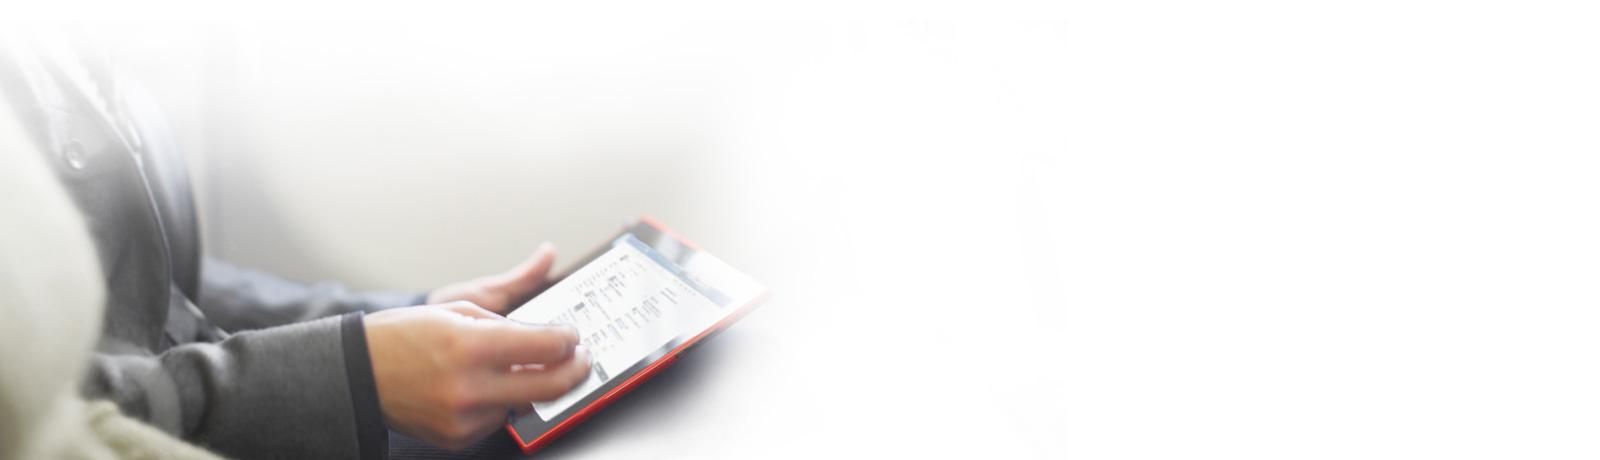 Gros plan d'une personne assise tenant une tablette dans sa main gauche.